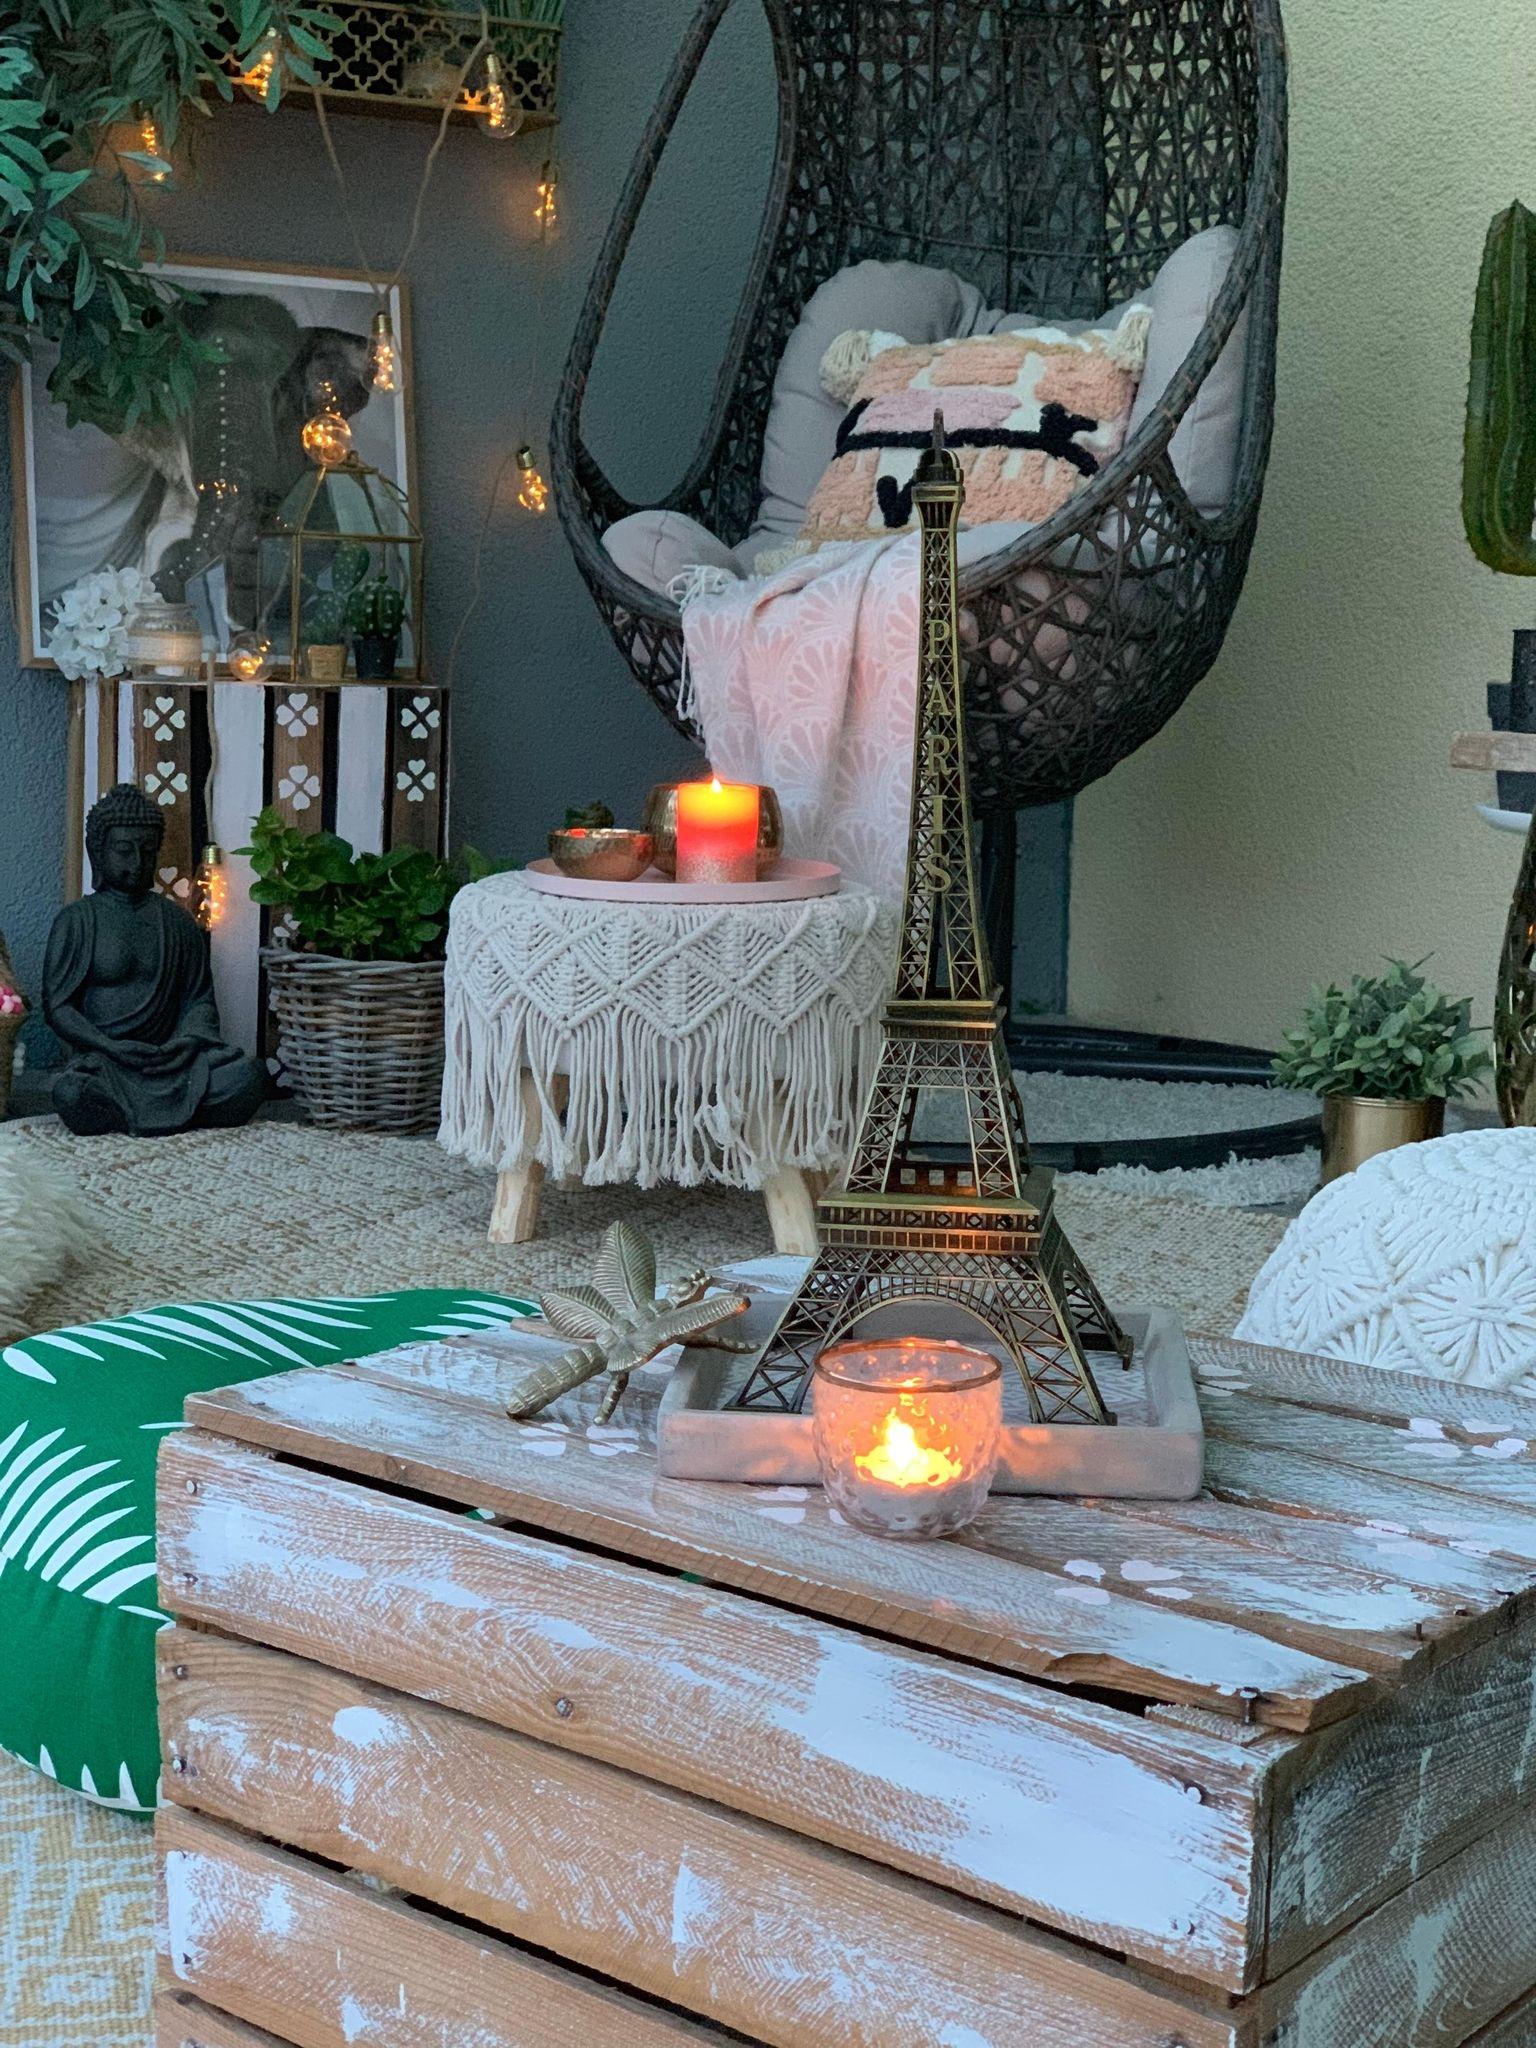 Details #paris #hängesessel #wintergarten #deko #boh...